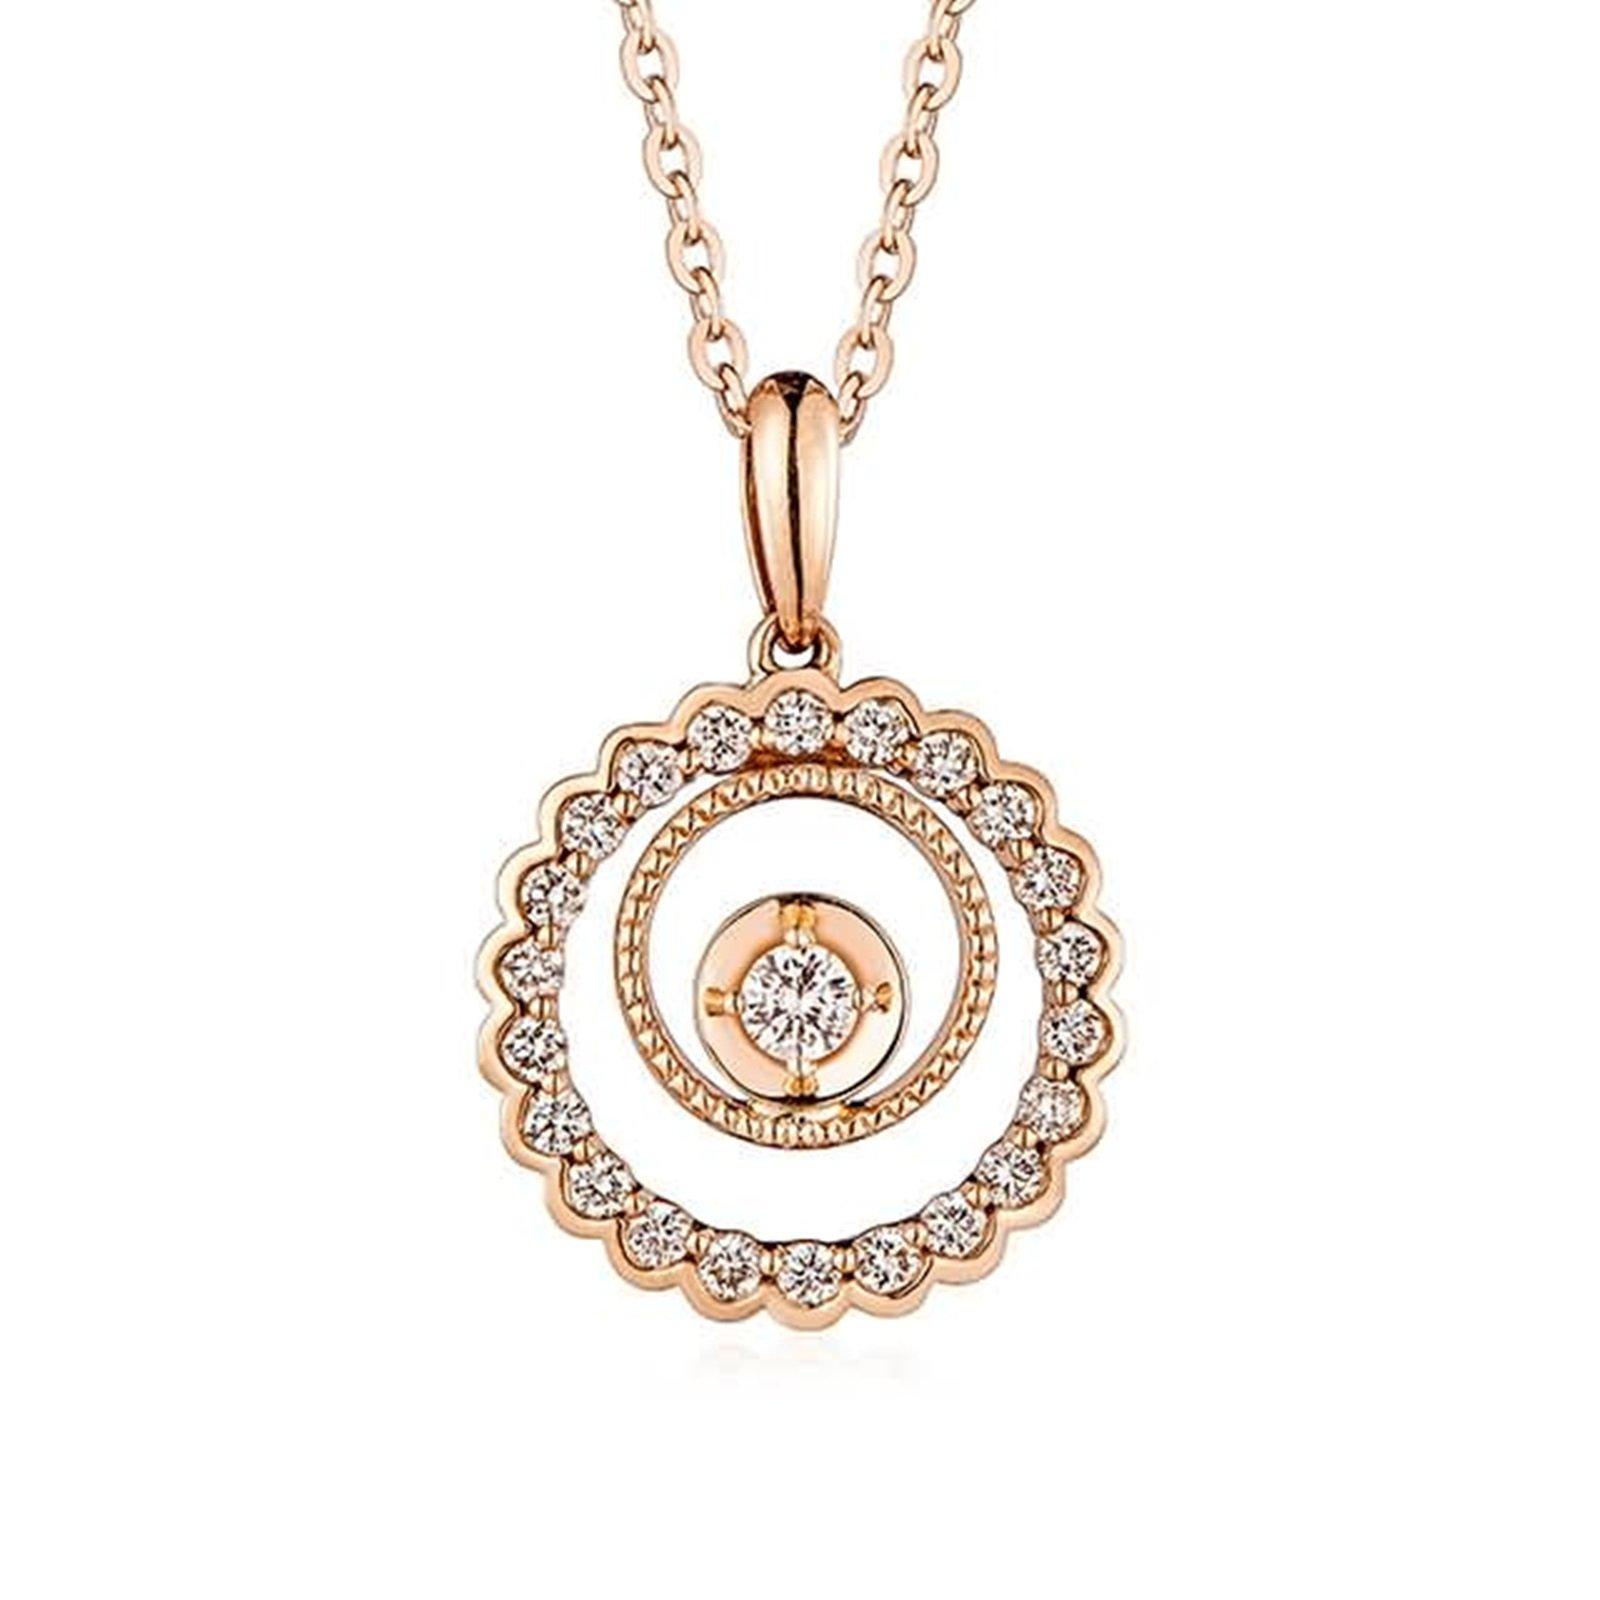 Adisaer 18k(750) Rose Gold Women Necklace 1.41g Double Round Pendant Round Diamond Wedding Necklace